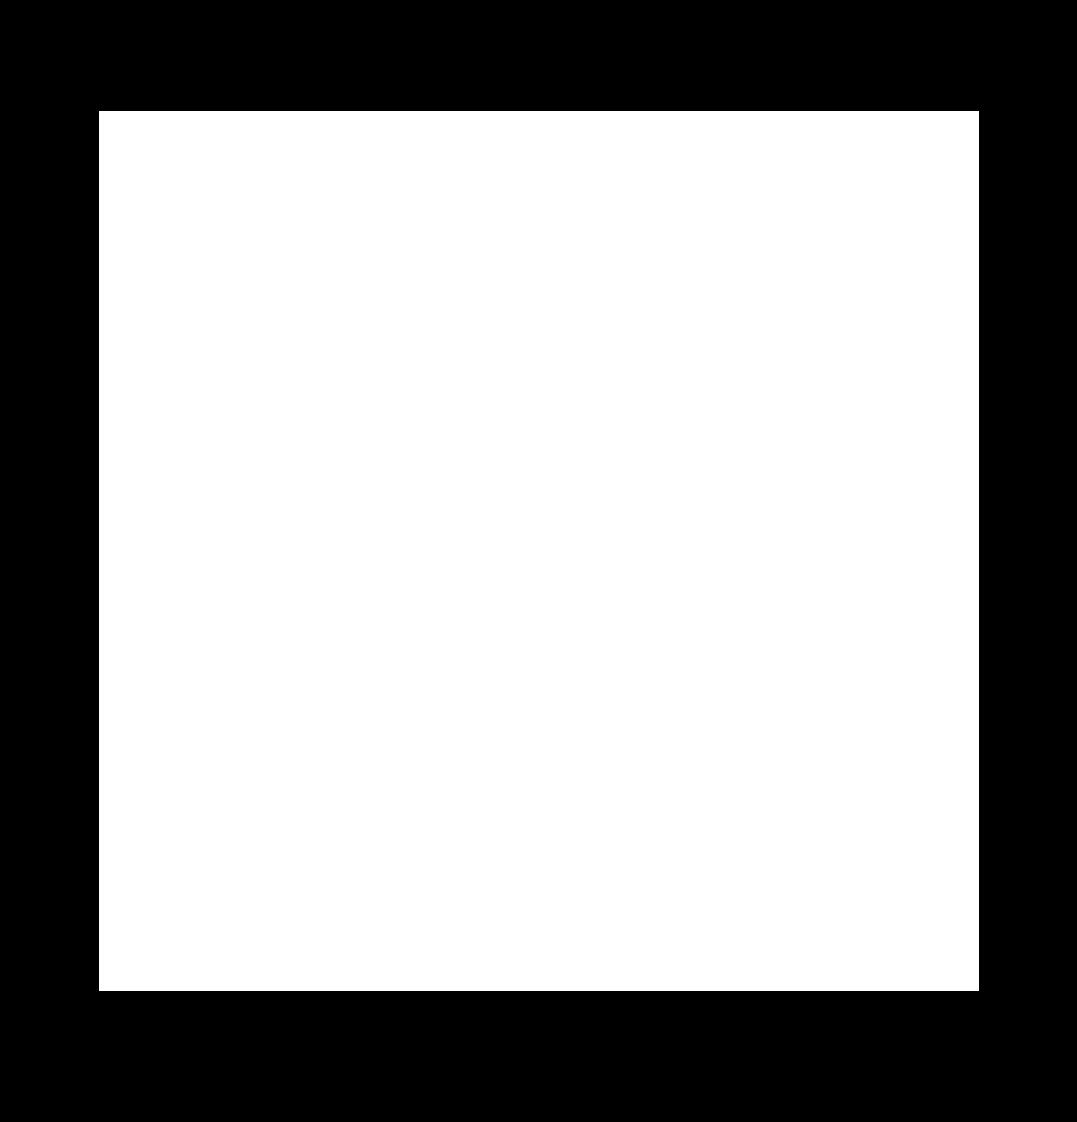 Gambar Segiempat 40x40